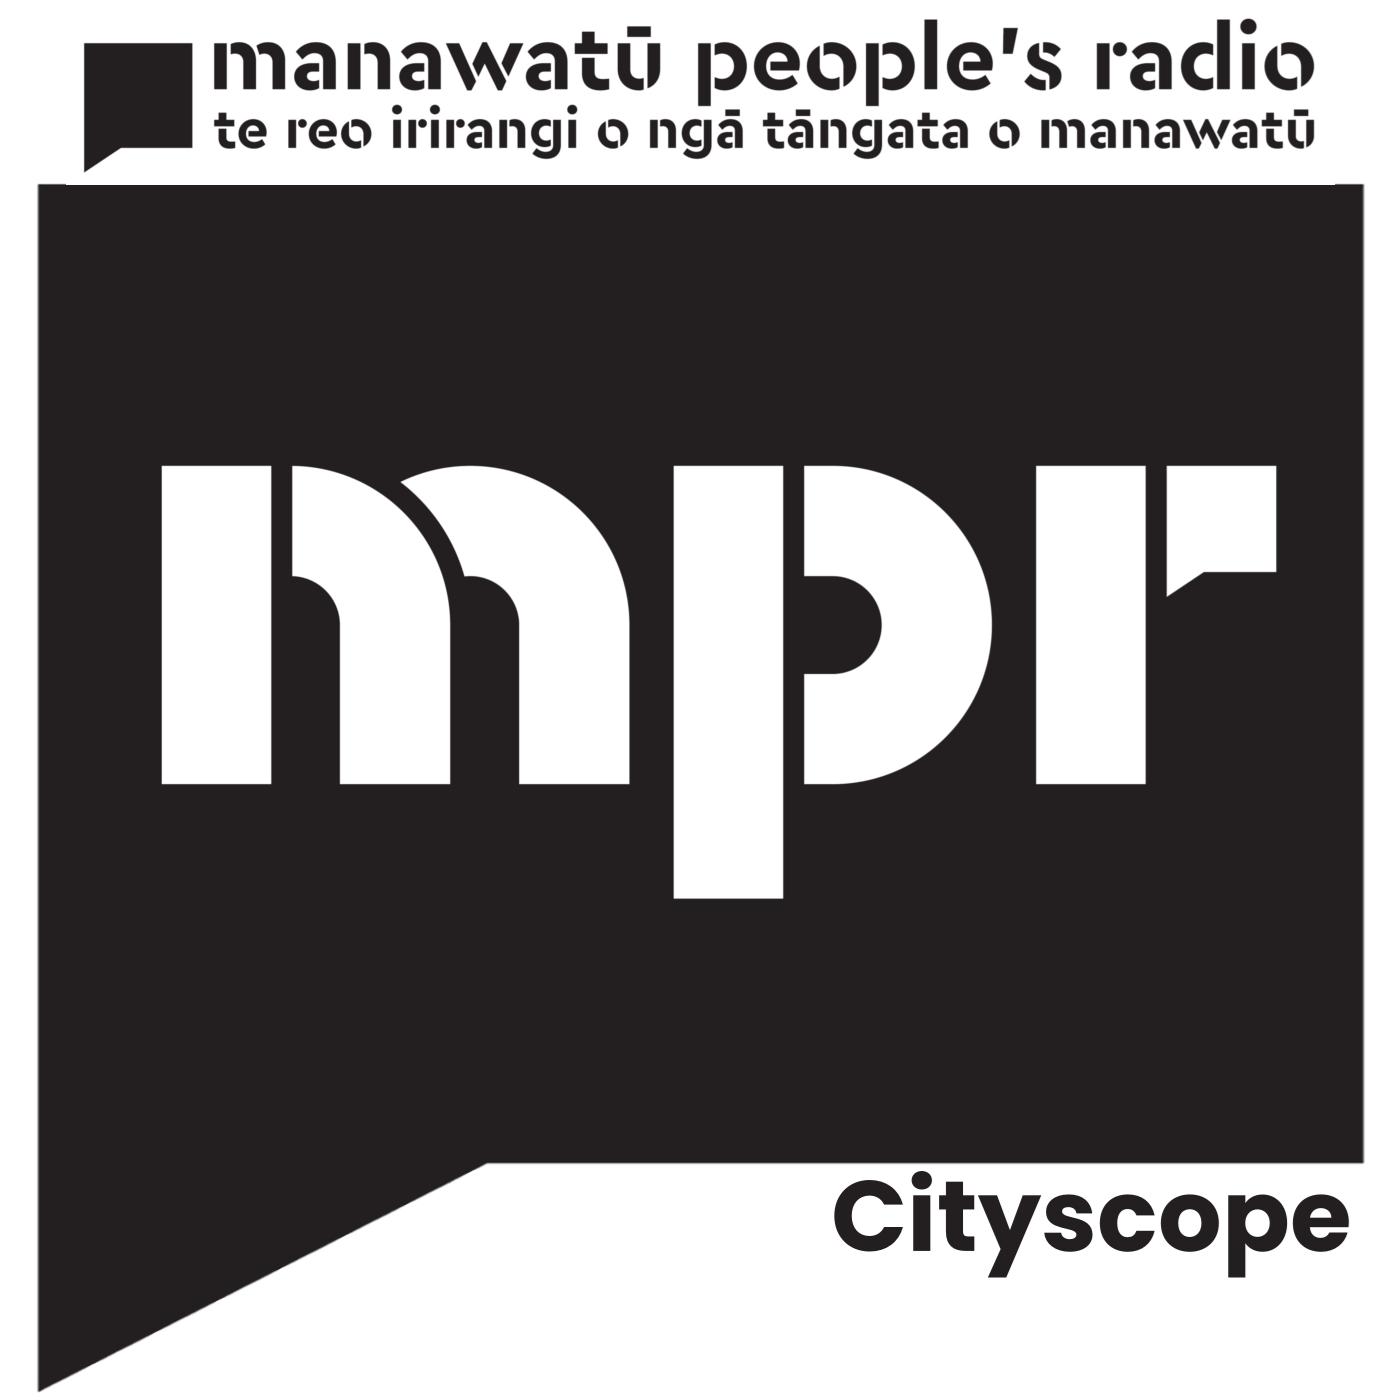 Cityscope 20-07-2018